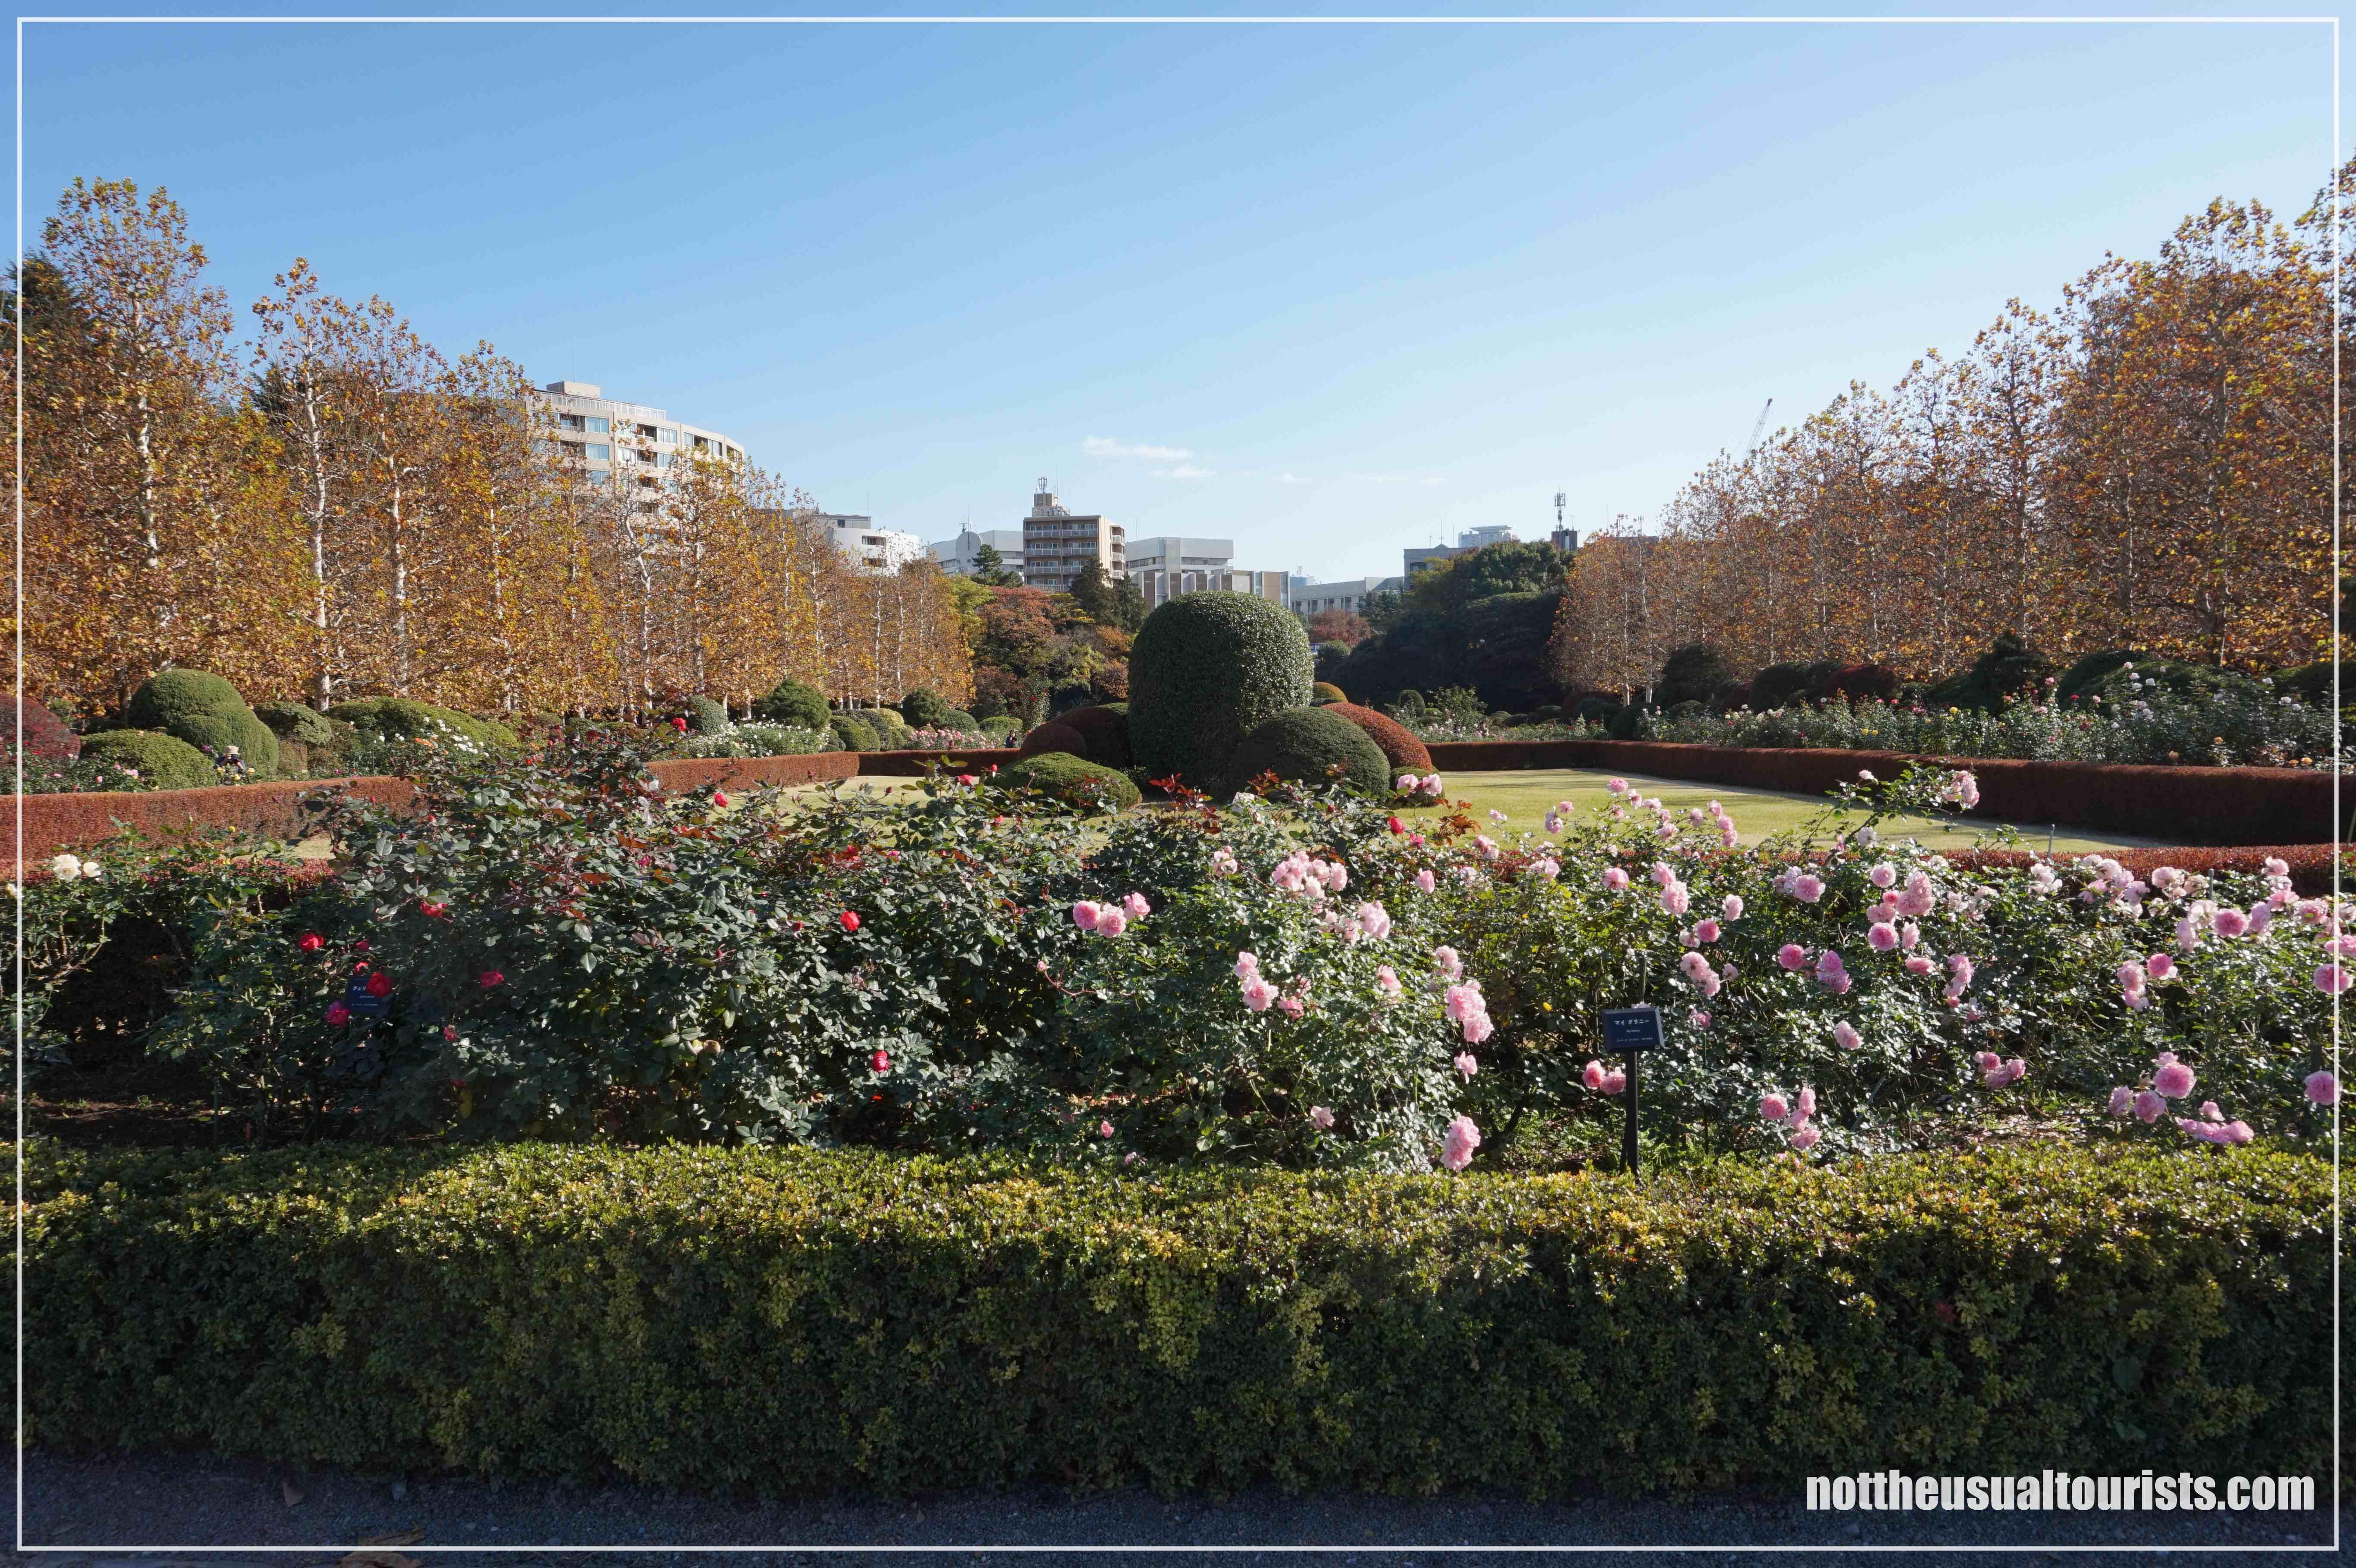 Il giardino delle rose circondato dai platani / The rose garden surrounded by sycamore trees